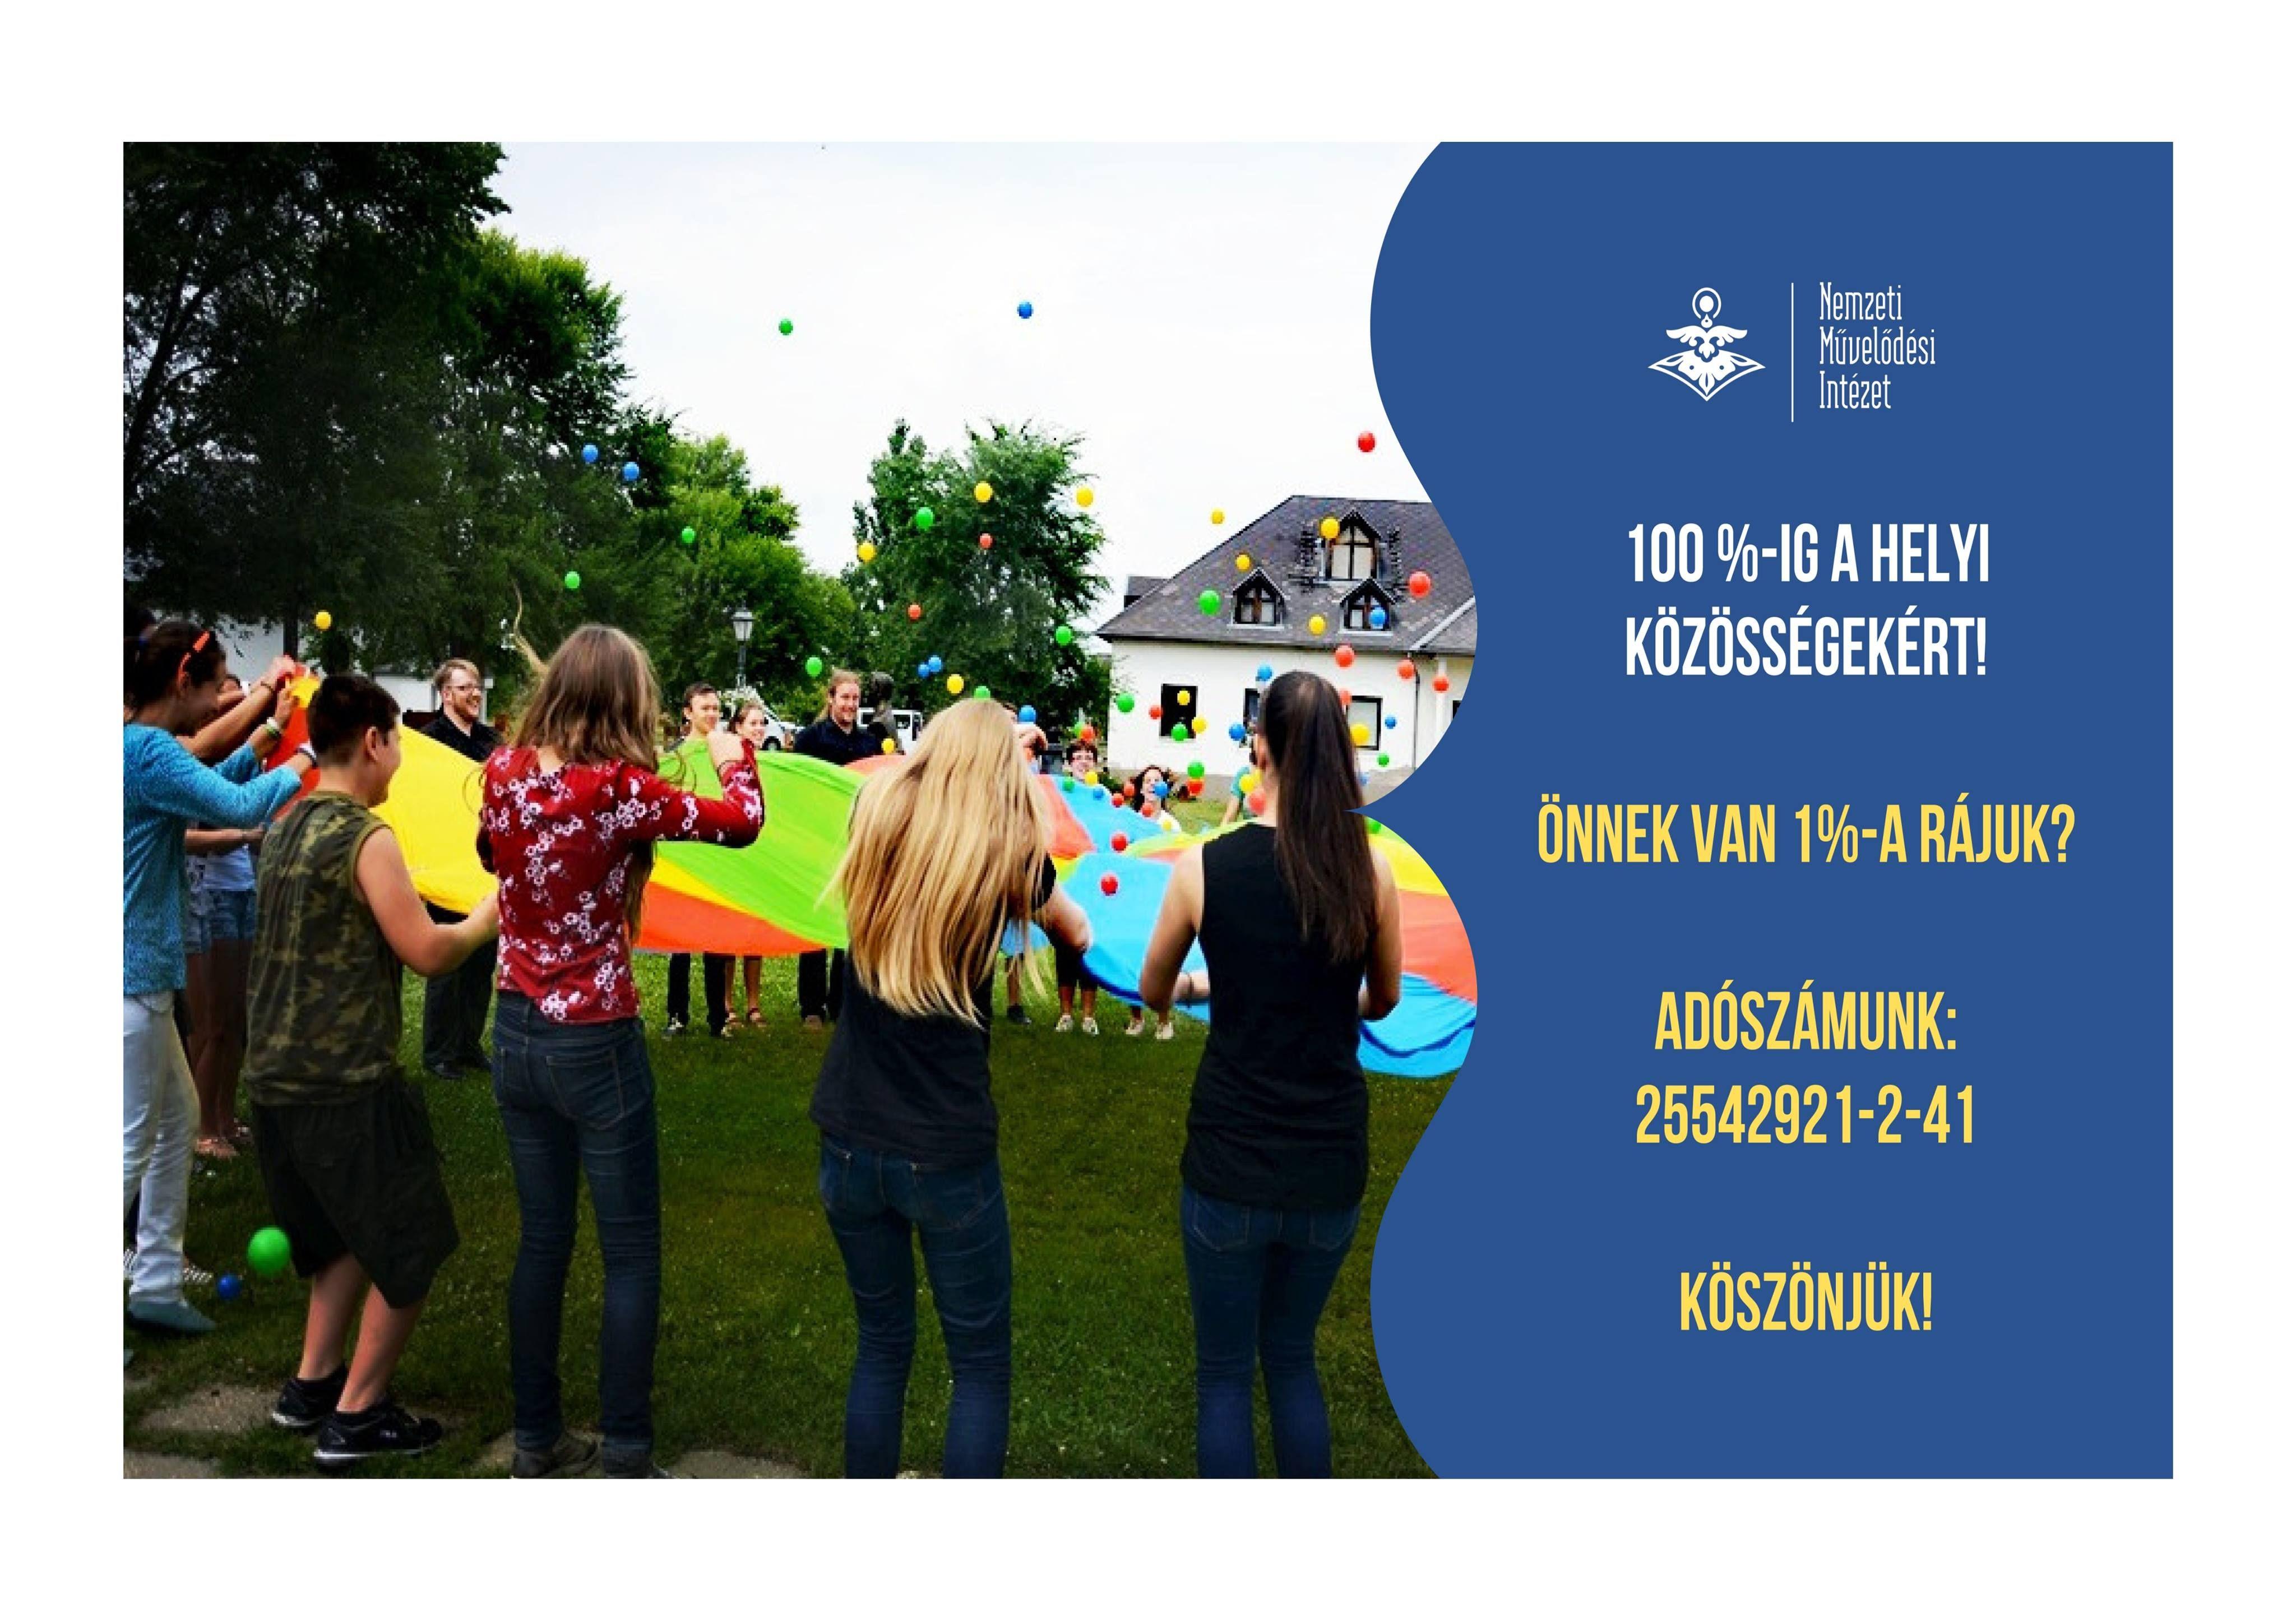 Mi 100 százalékban a helyi közösségekért dolgozunk! – Önnek van 1 százaléka rájuk?